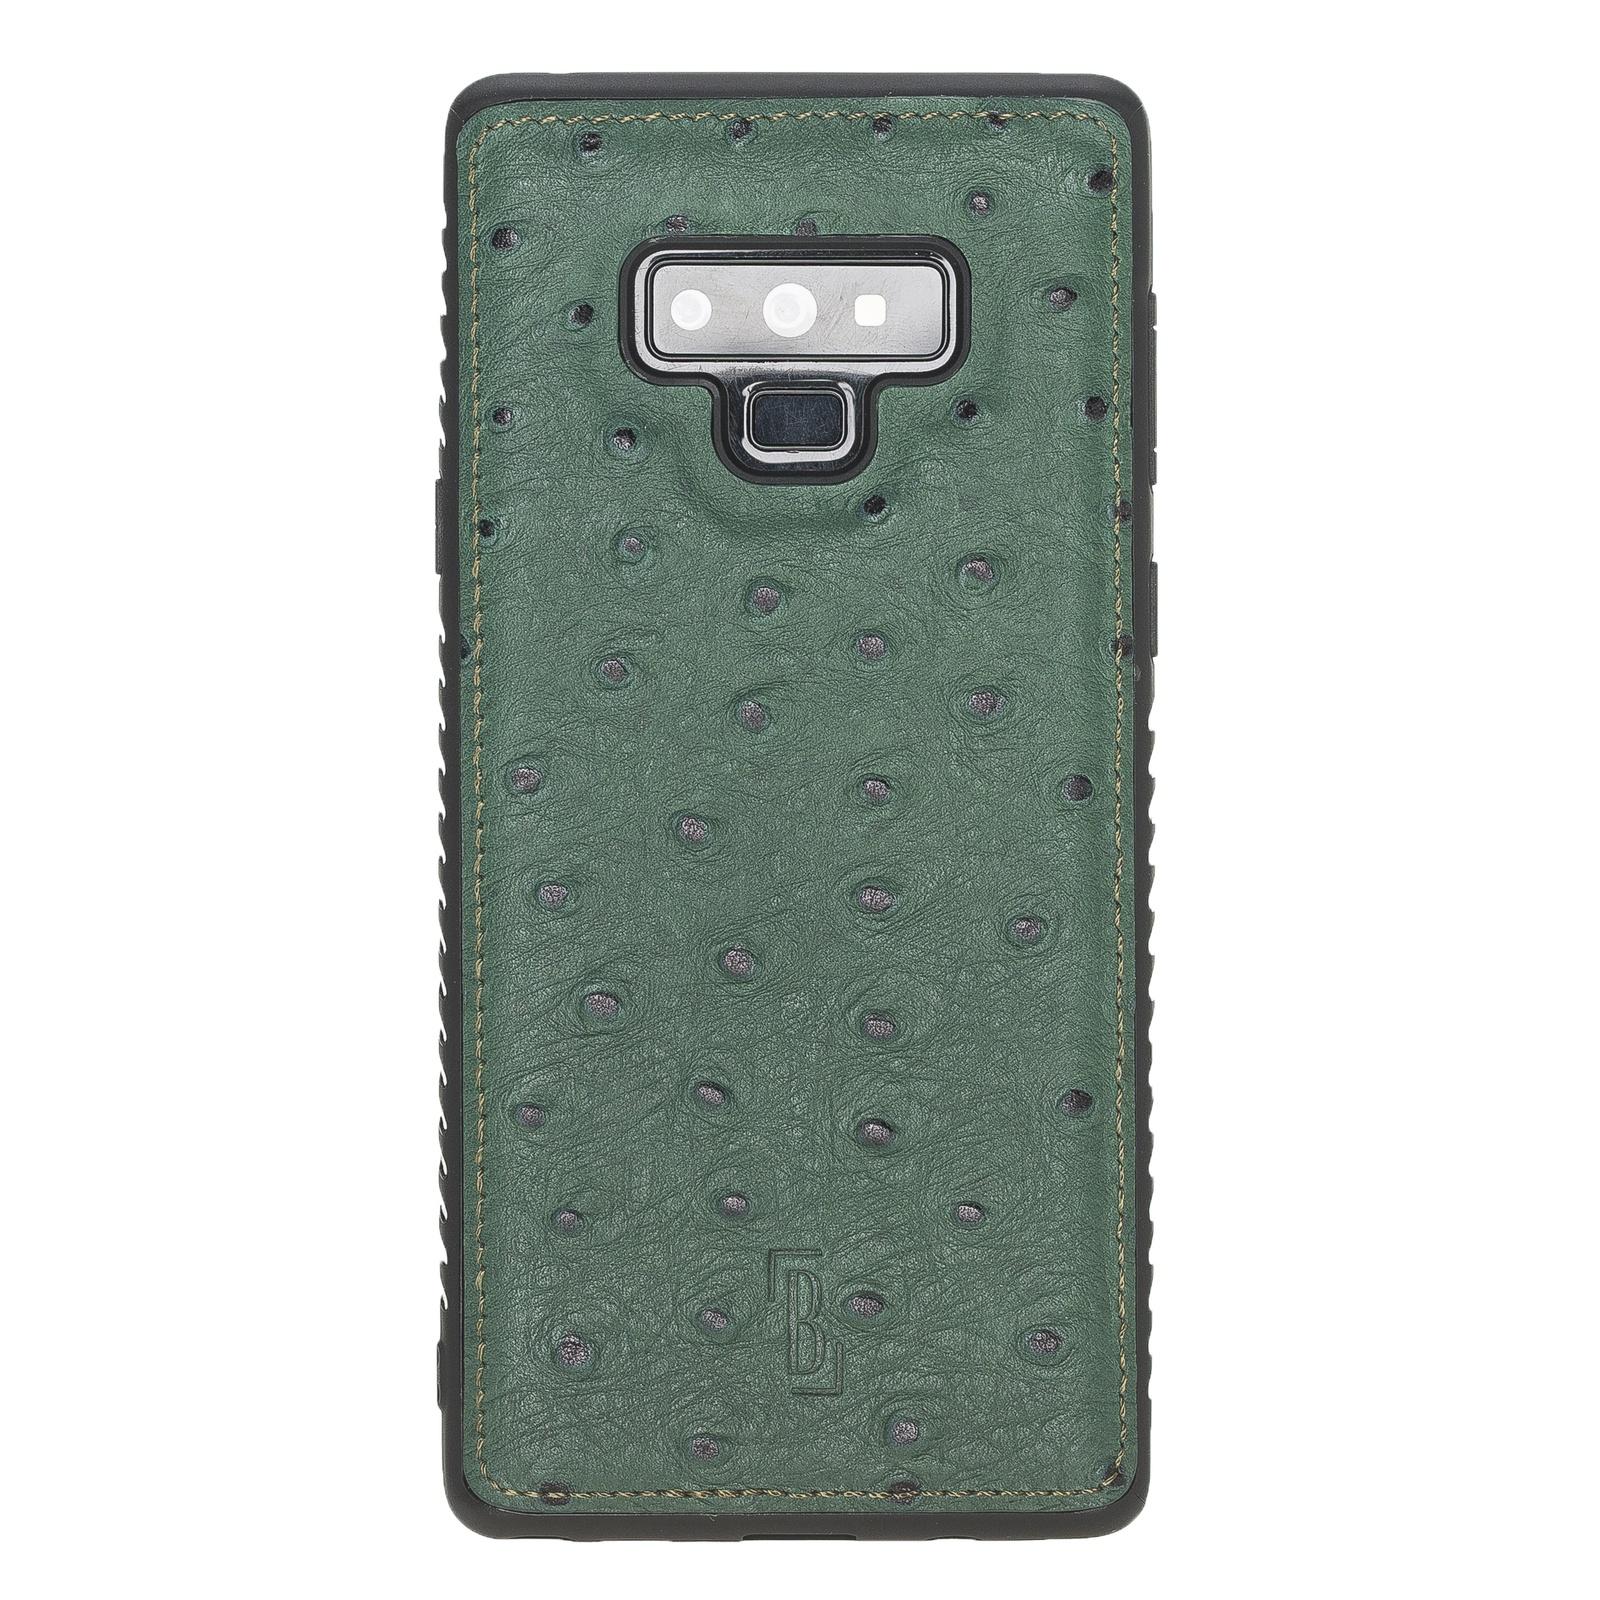 Чехол для сотового телефона Burkley для Samsung Galaxy Note 9 FlexCover, темно-зеленый